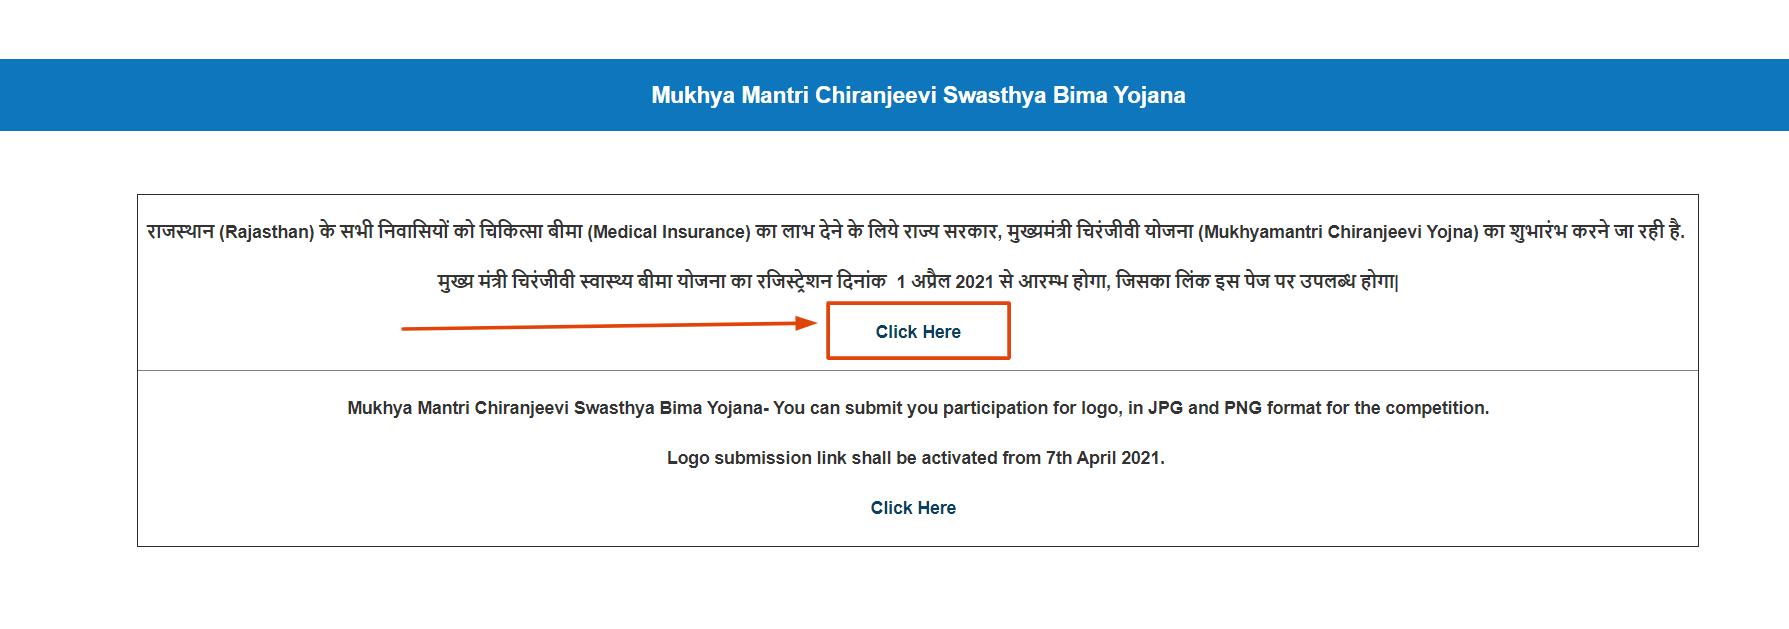 मुख्यमंत्री-चिरंजीवी-स्वास्थ्य-बीमा-योजना